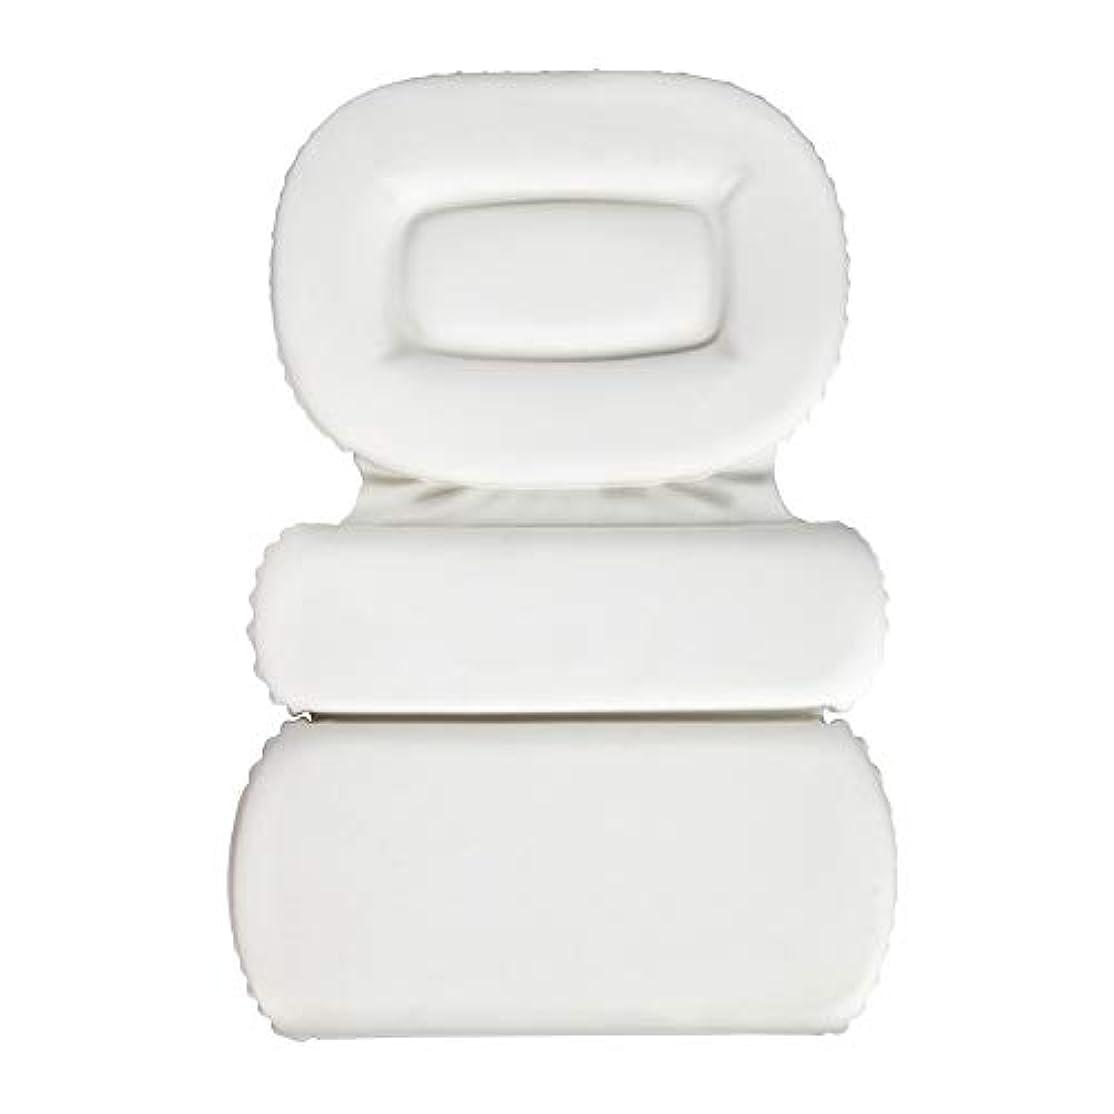 状況篭クラックサクションカップ付きPU三重スポンジ風呂枕バスタブ枕滑り止め速乾性スパクッション(頭、首、背中のサイズを問わず)